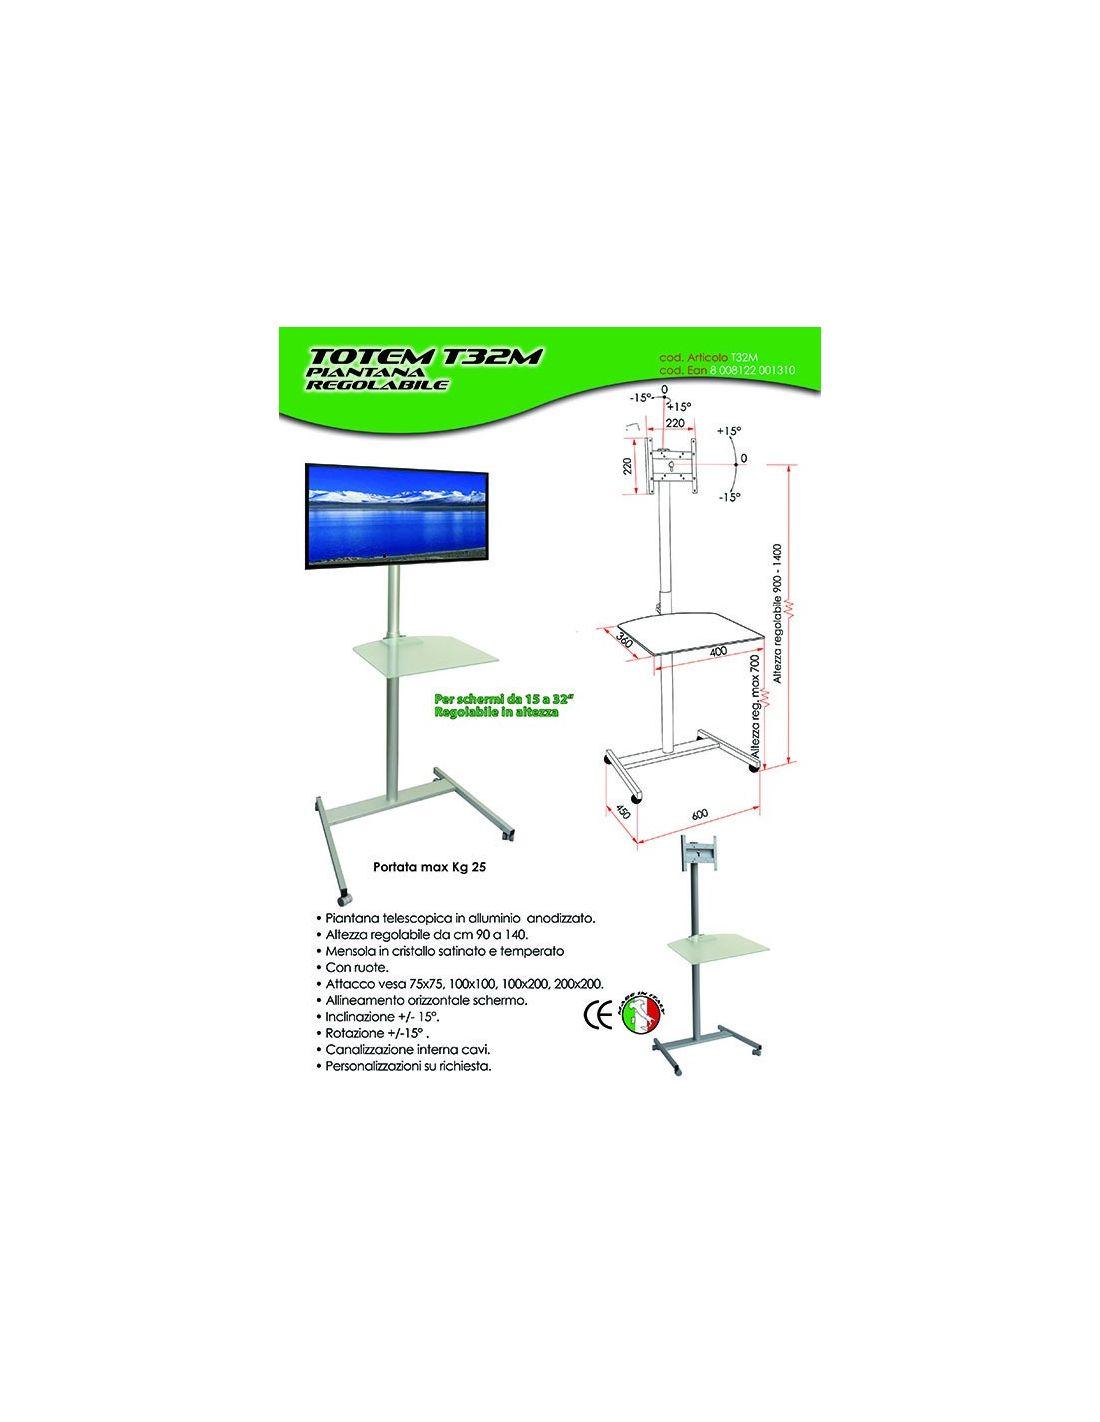 Mensole A Parete Regolabili In Altezza.Piantana Porta Tv In Alluminio Regolabile In Altezza Totem T32